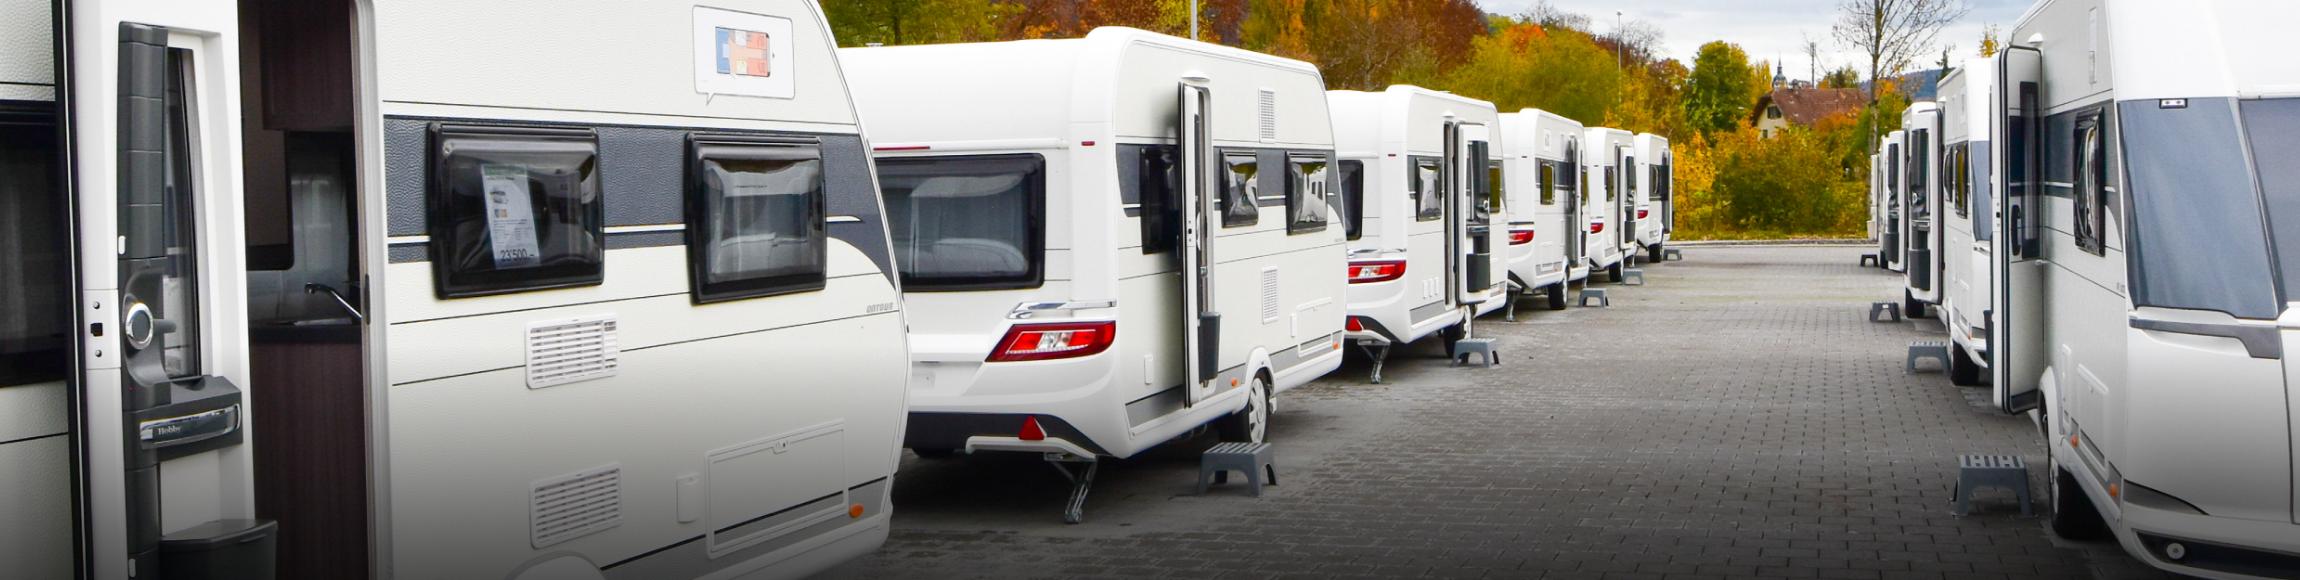 Wir sind Ihr Wohnwagen-Spezialist der Zentralschweiz!